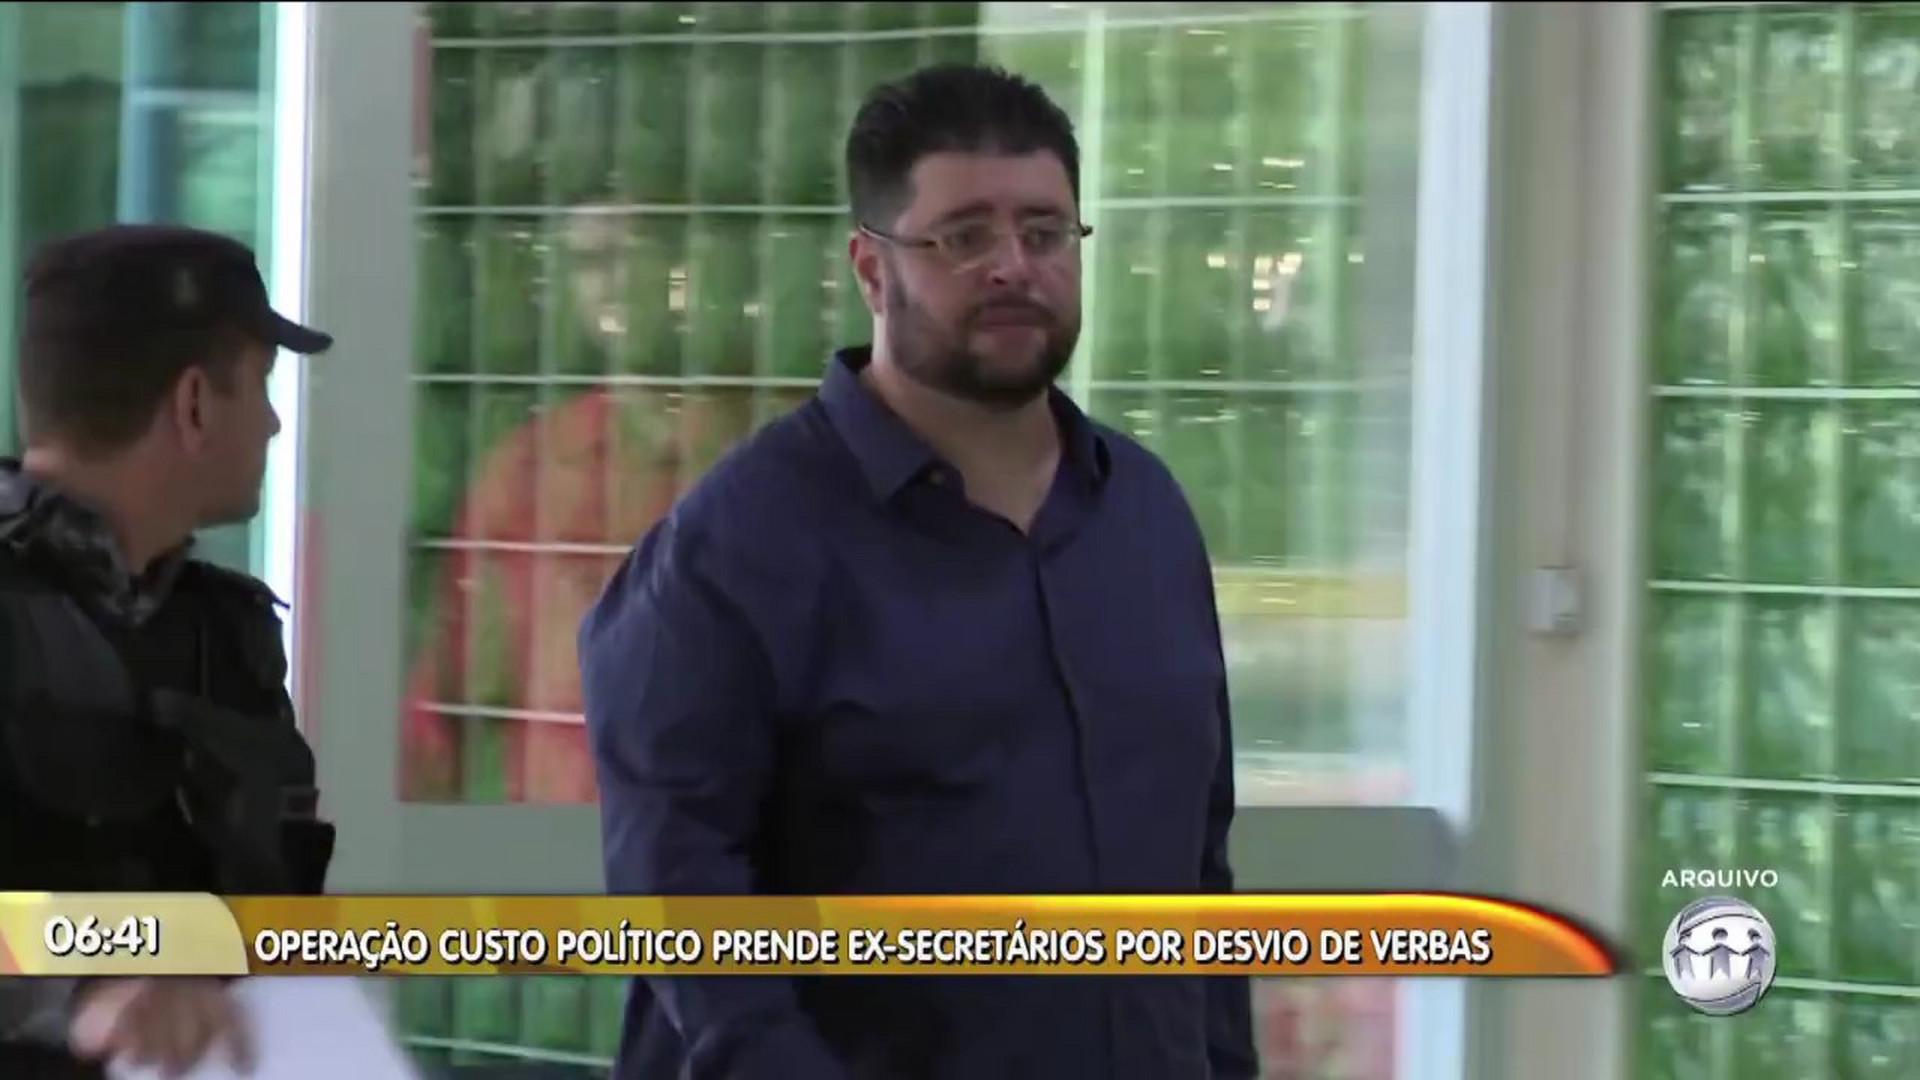 OPERAÇÃO CUSTO POLÍTICO PRENDE EX-SECRETÁRIOS POR DESVIO DE VERBAS - Manhã No Ar - 14/12/17